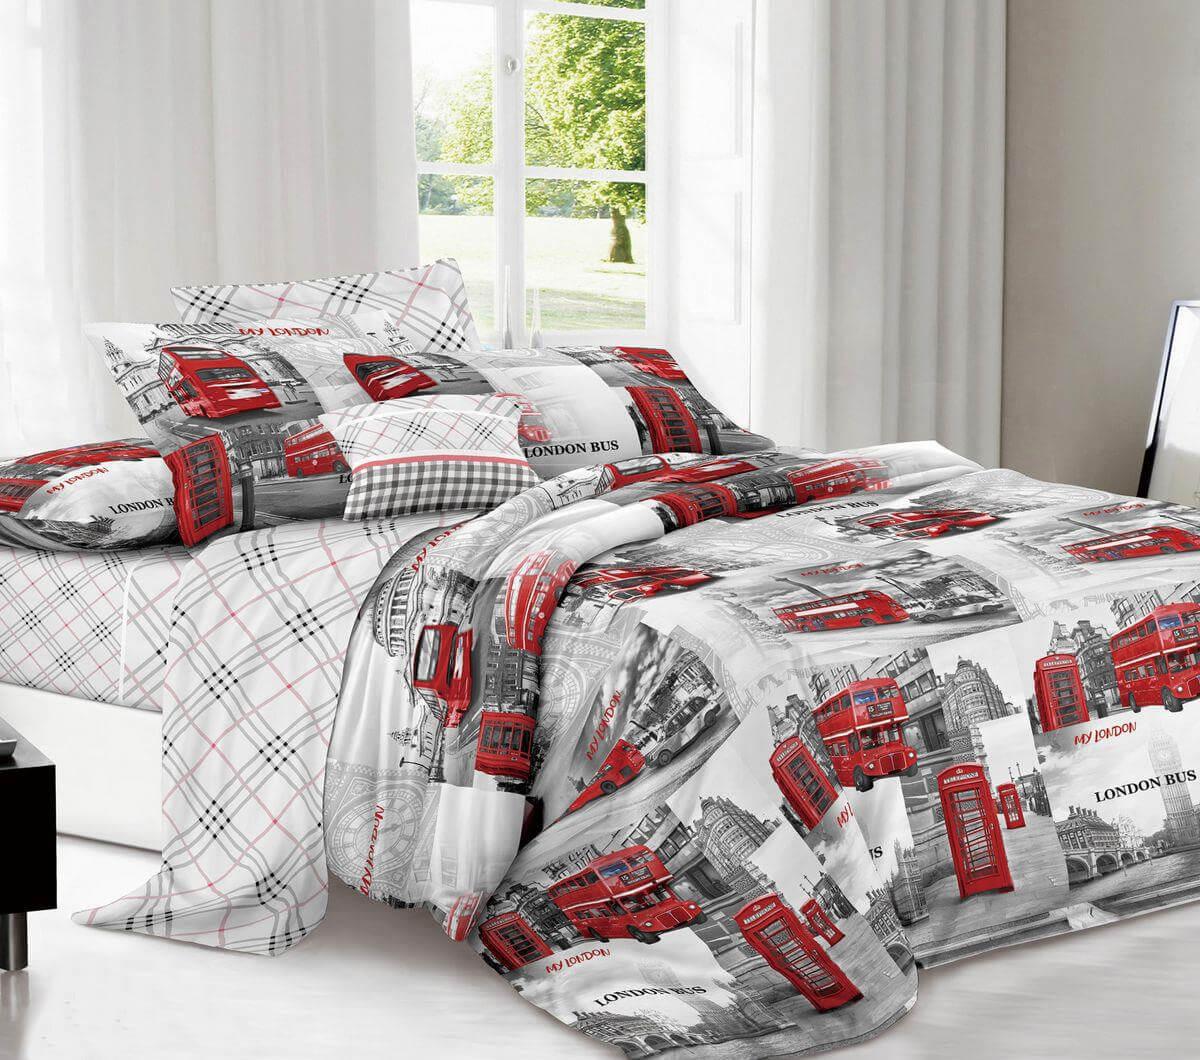 Комплект постельного белья Евростандарт, поплин (Лондон)